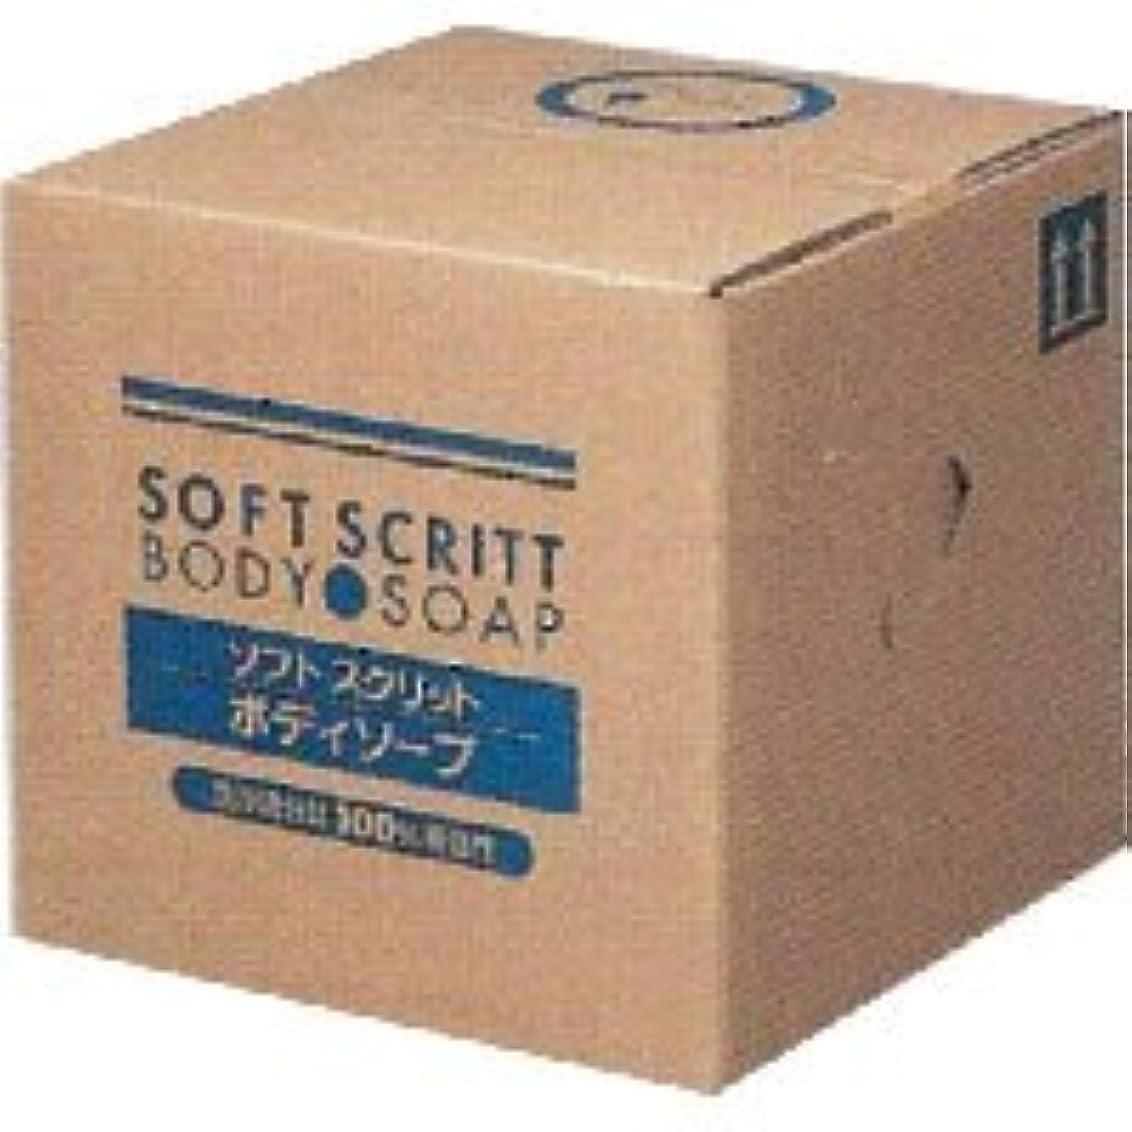 パーセント浴器官スクリットボディソープ18L